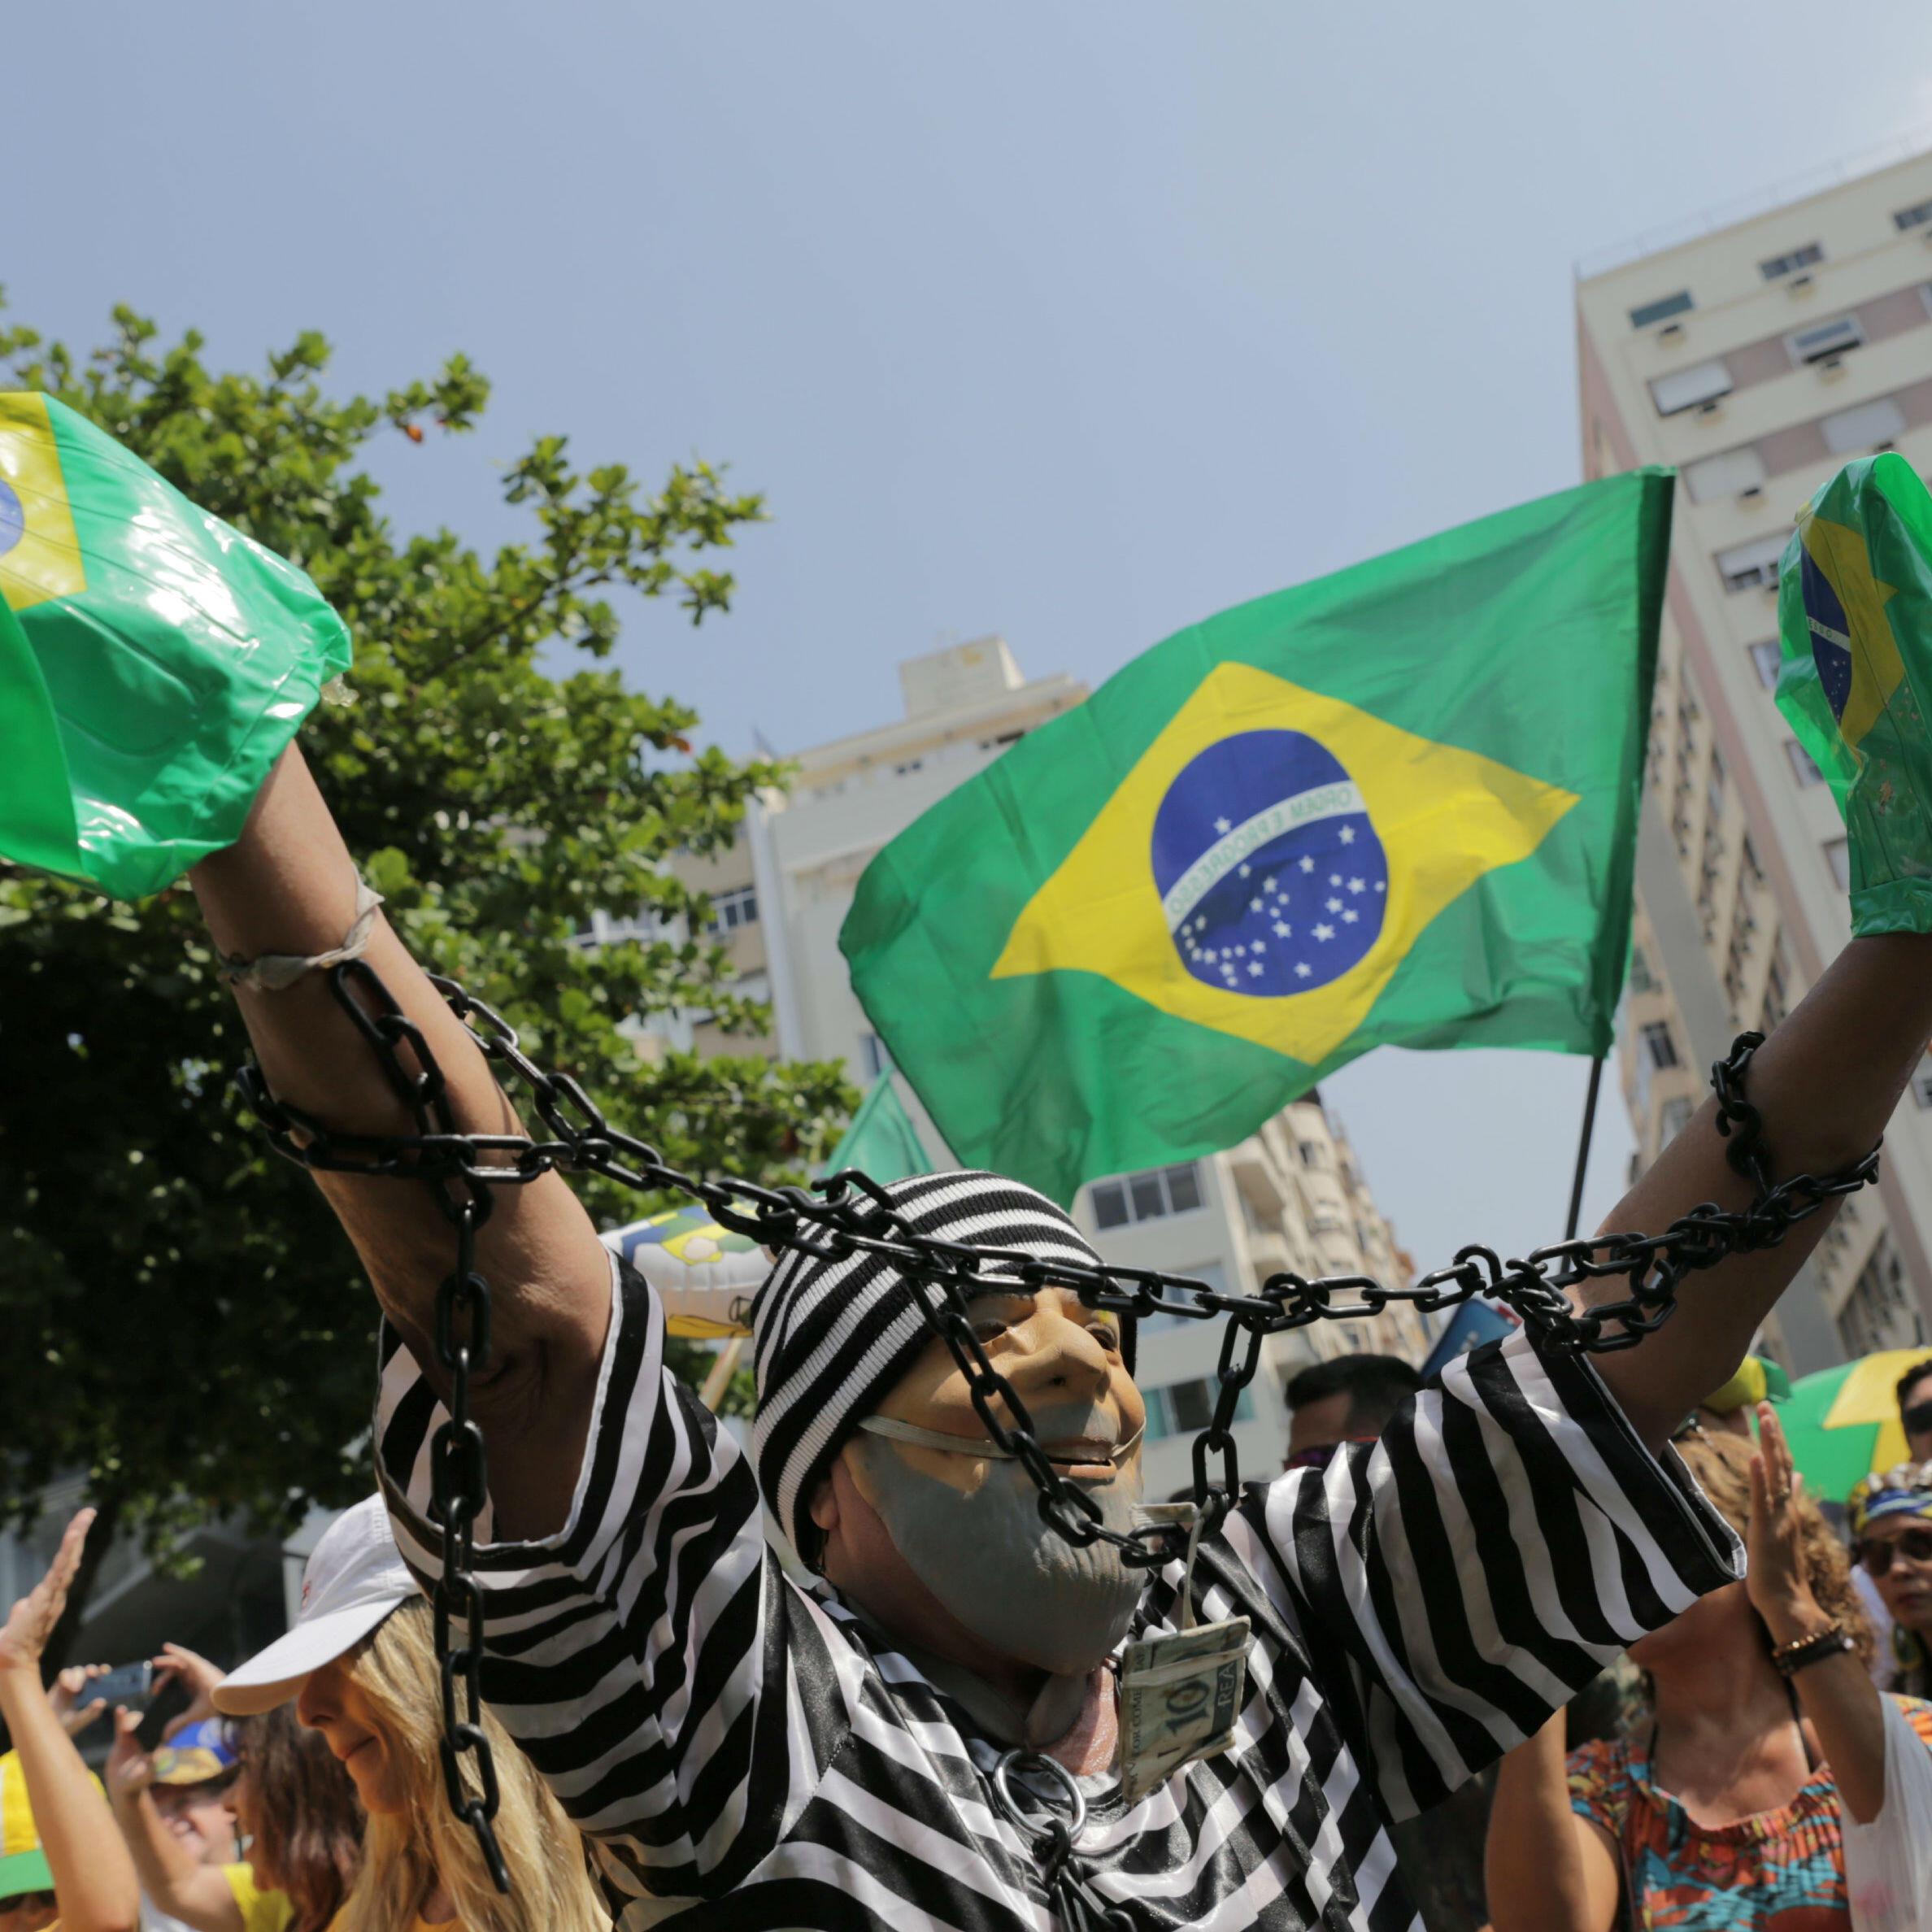 Un manifestante se disfraza del expresidente Luiz Inácio Lula da Silva como prisionero, durante una protesta contra la corrupción en Río de Janeiro, Brasil, el 7 de abril de 2019.